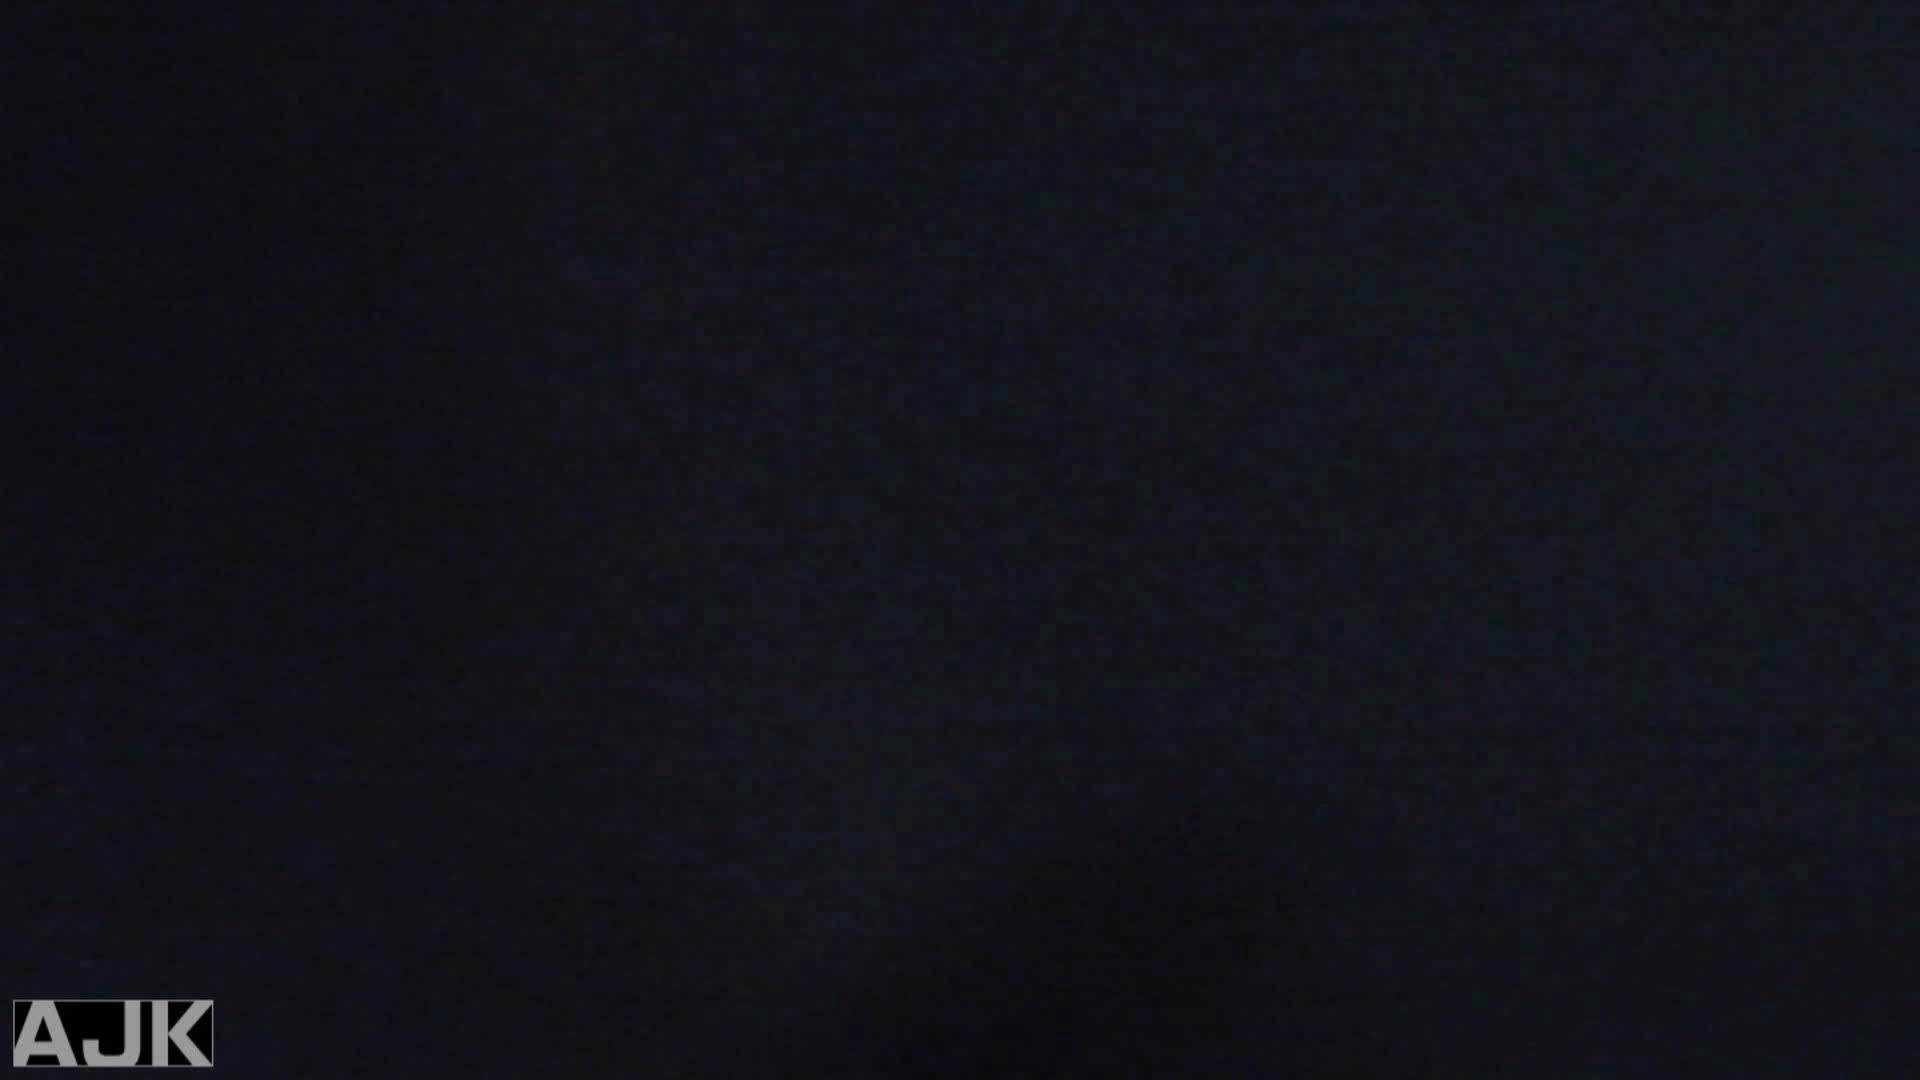 神降臨!史上最強の潜入かわや! vol.23 盗撮 隠し撮りオマンコ動画紹介 78PICs 10